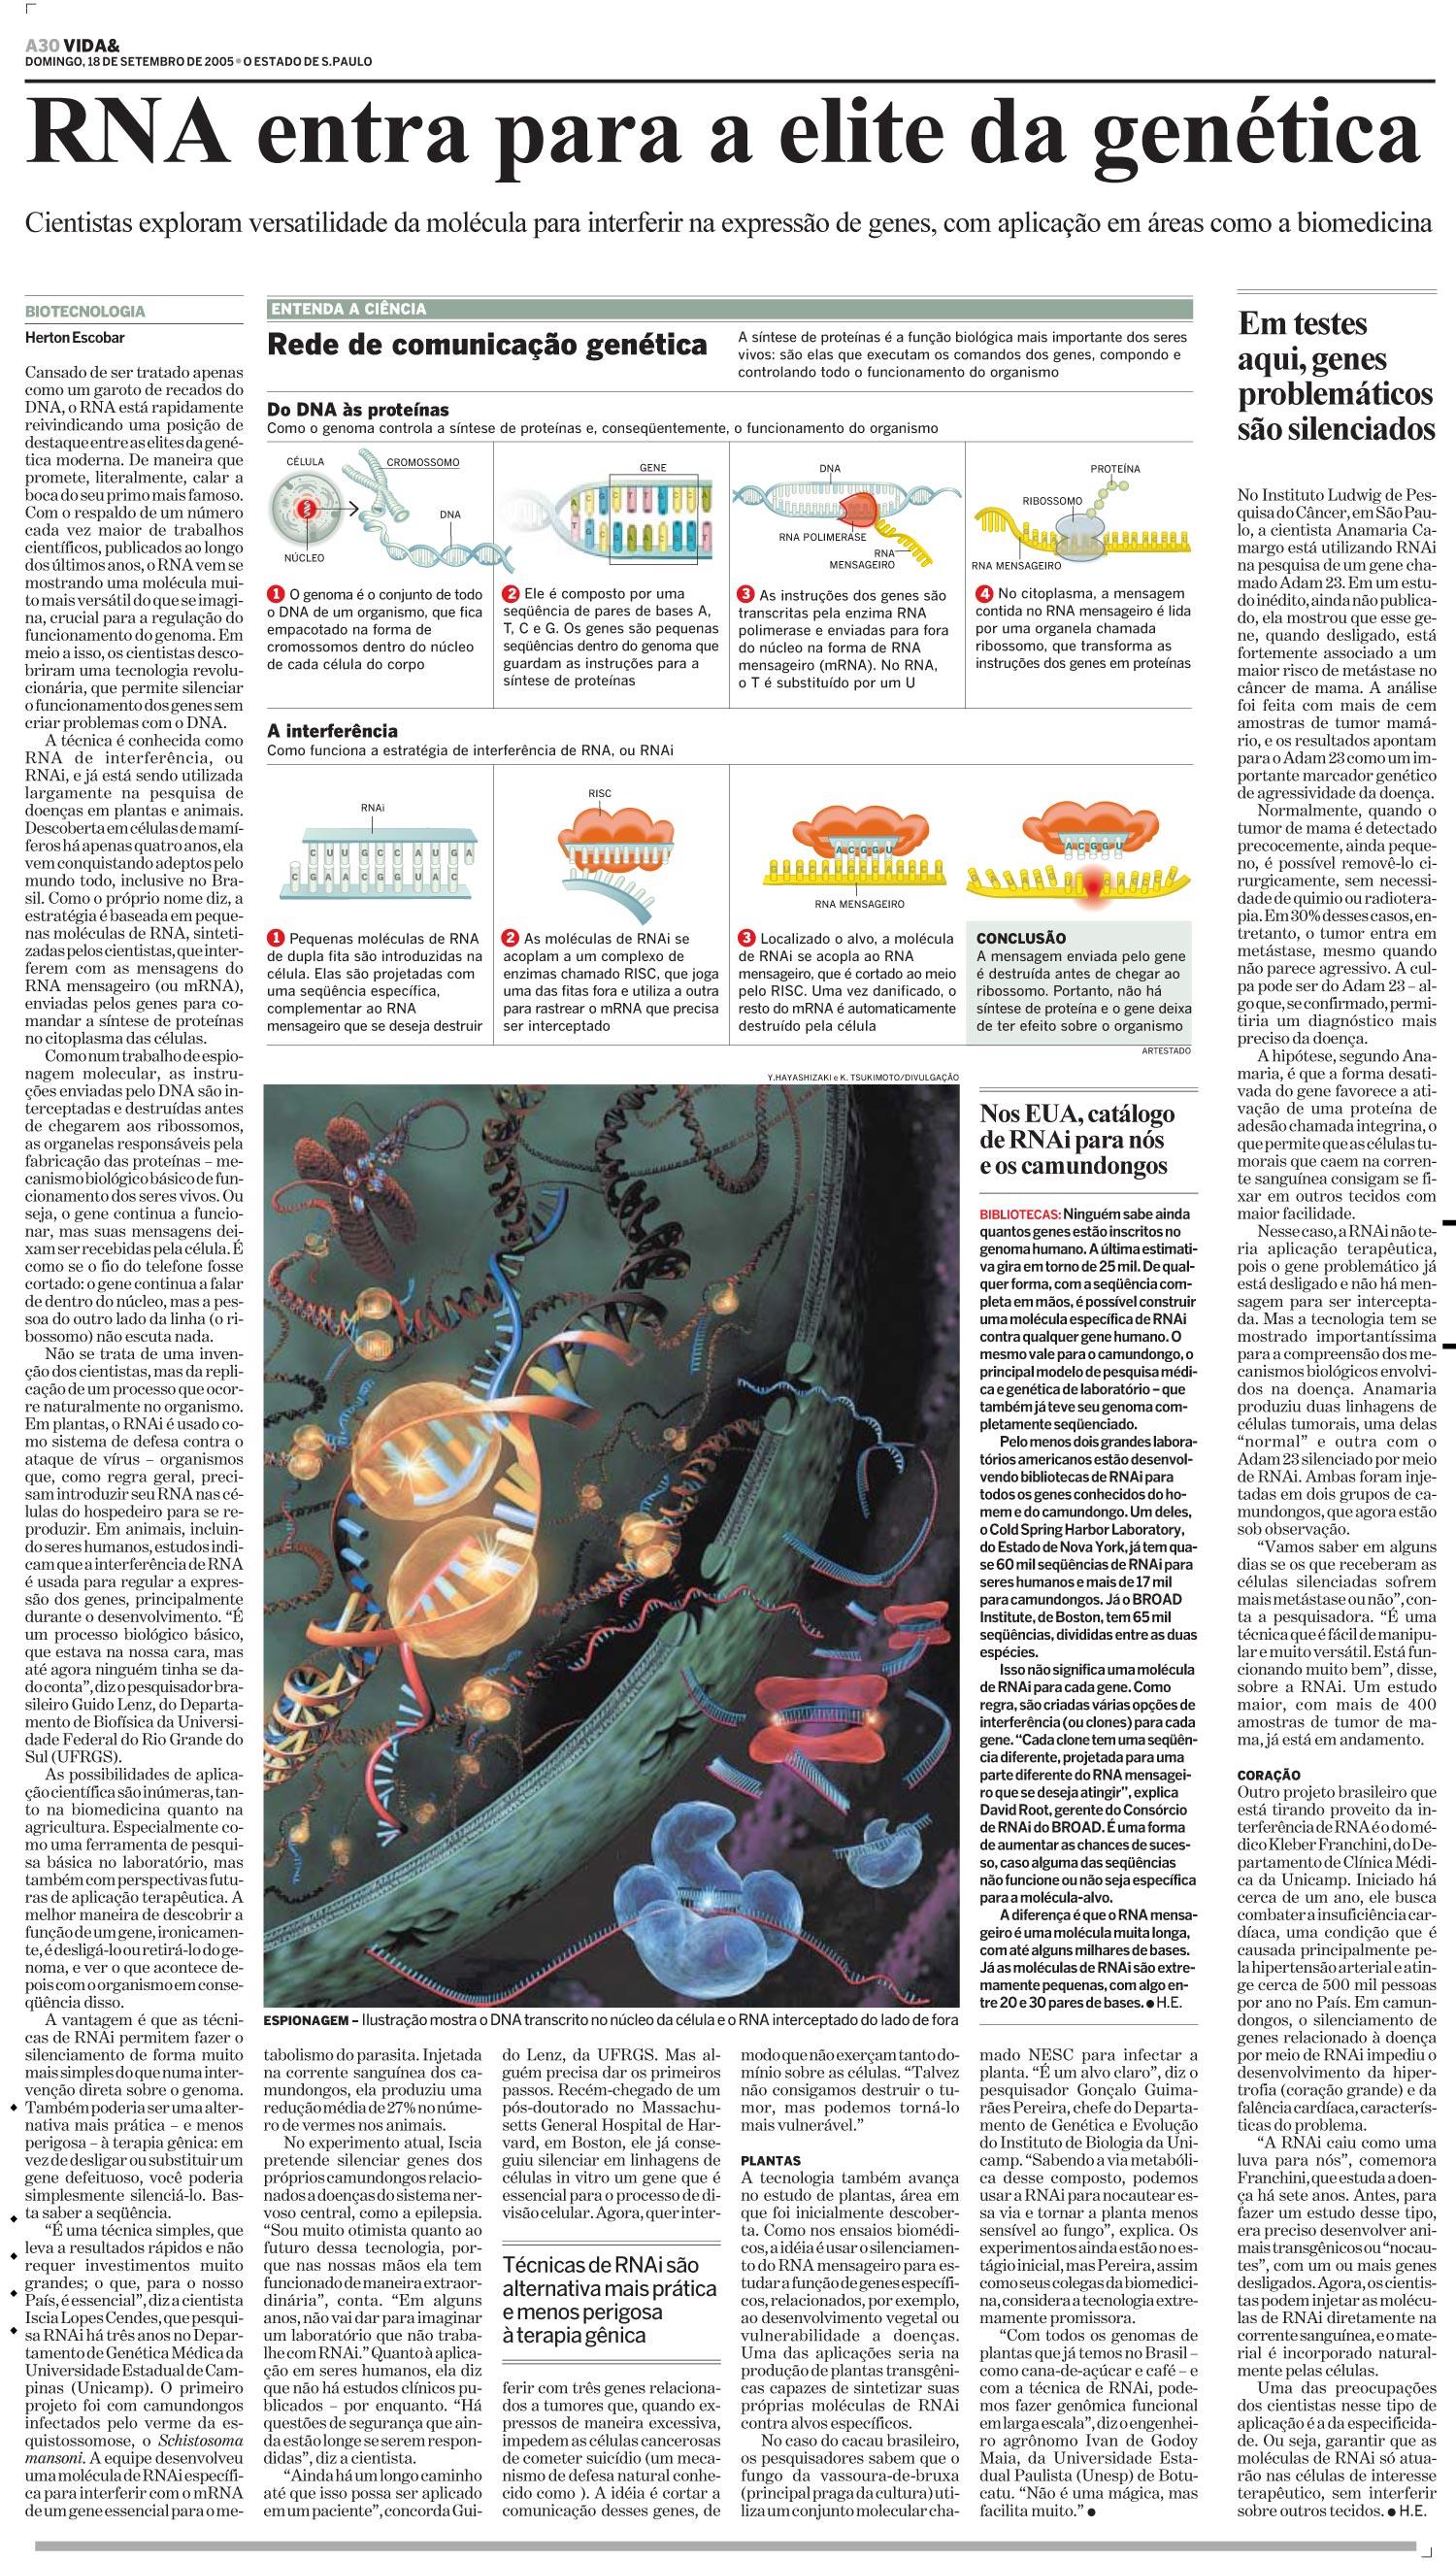 RNA entra para a elite da genética